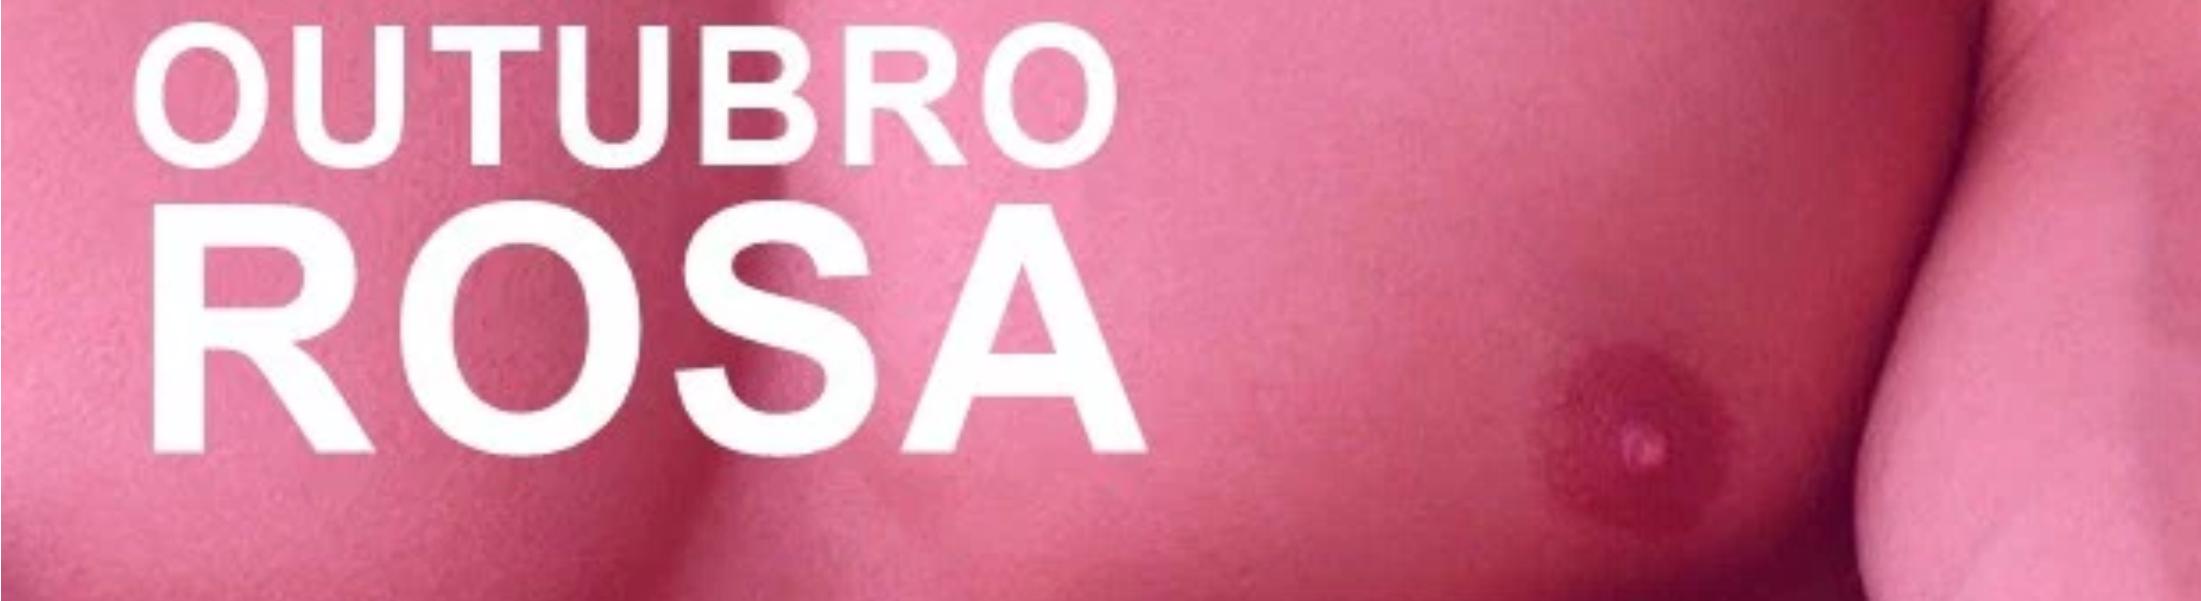 OUTUBRO ROSA – HOMEM TAMBÉM PODE TER CANCÊR DE MAMA